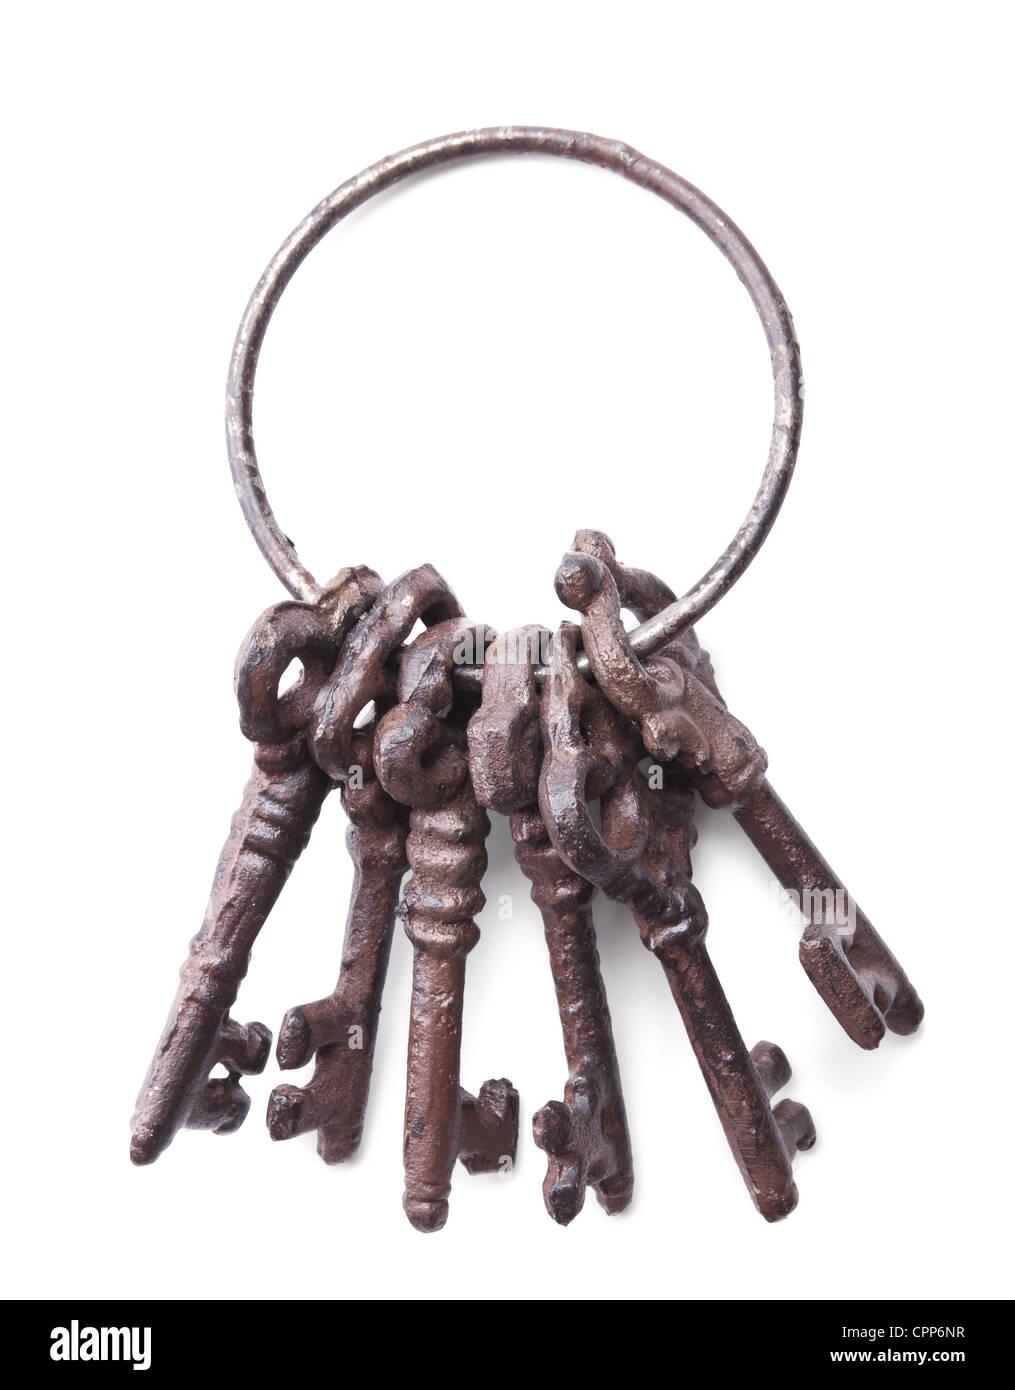 Manojo de llaves antiguas aislado sobre fondo blanco. Foto de stock